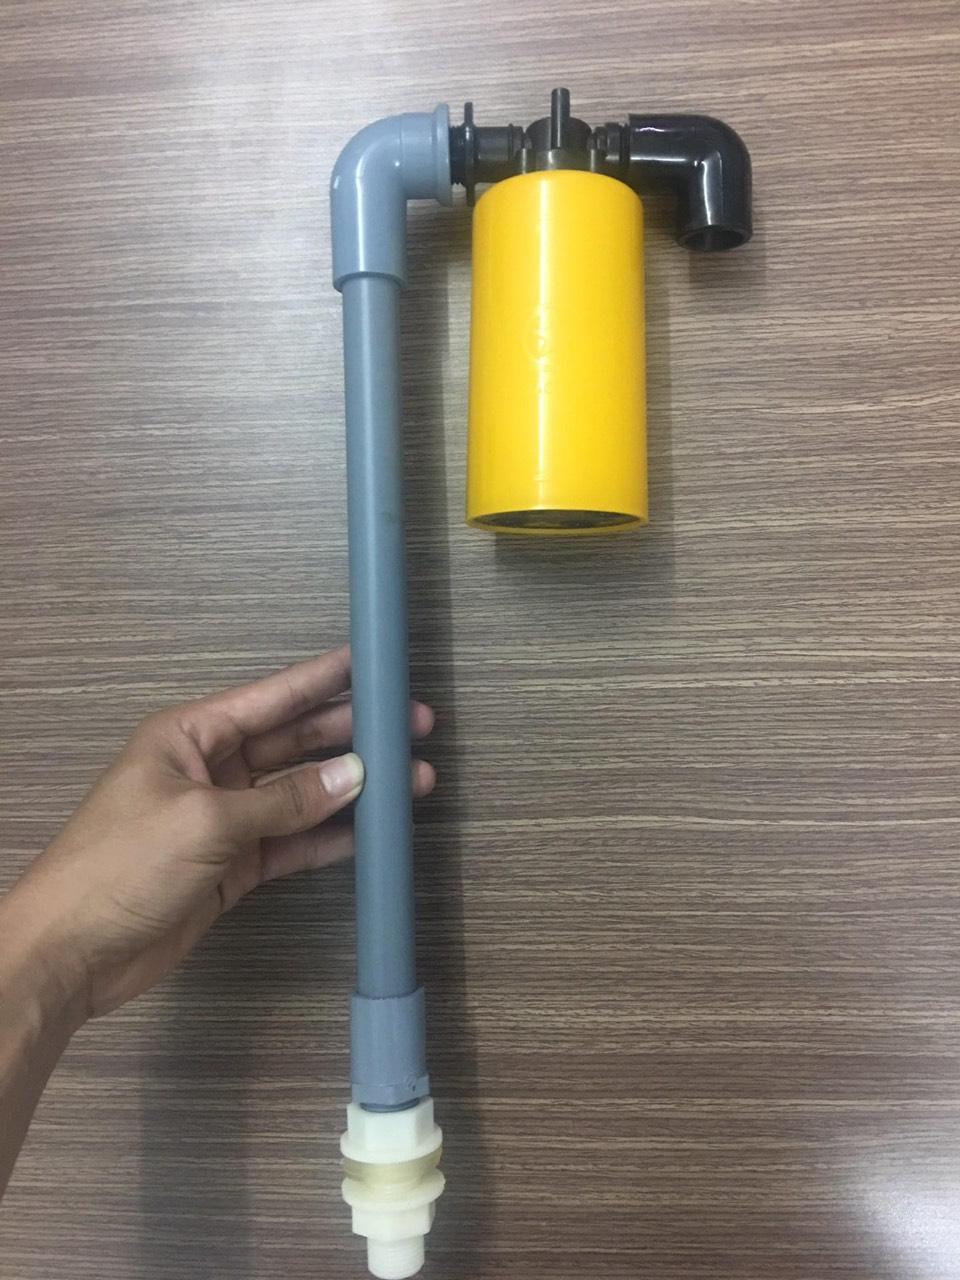 Phao cơ Bách Khoa được sản xuất và phân phối tại Công ty TNHH Cơ Khí Bách Khoa